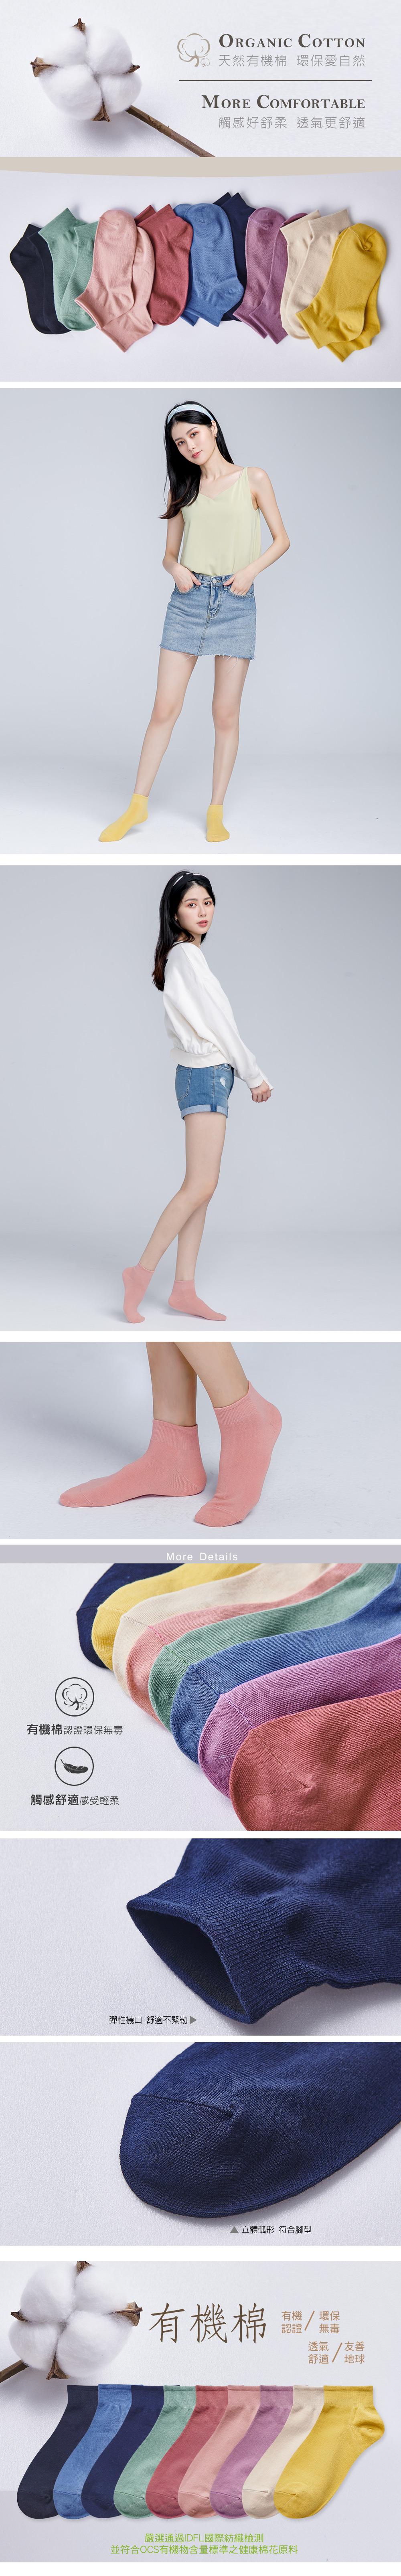 有機棉1/2中統襪